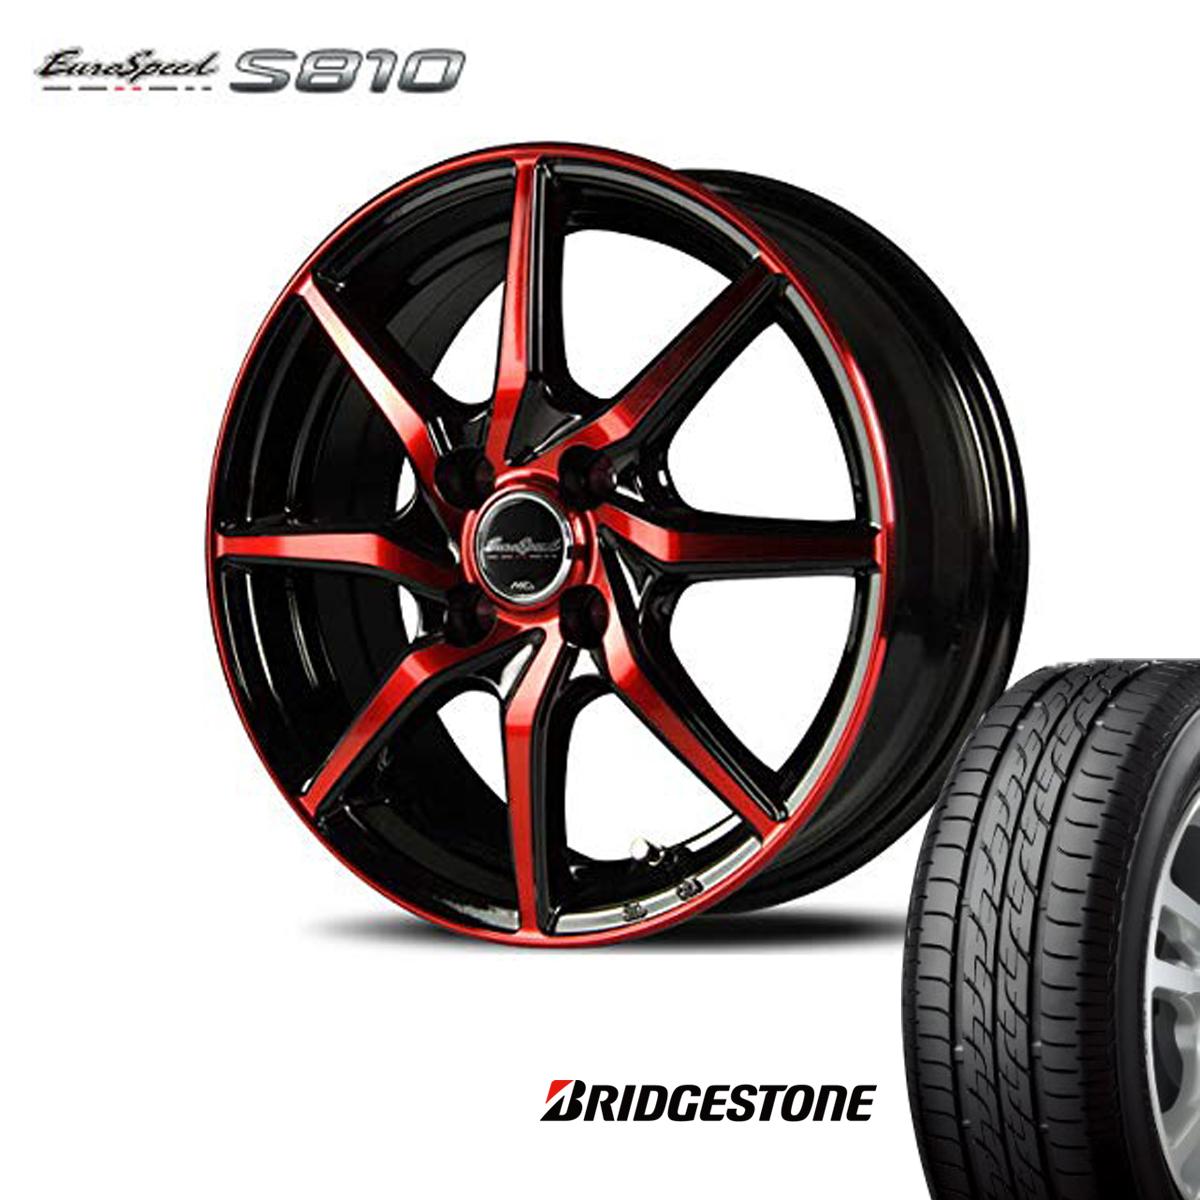 Euro Speed タイヤ ホイール セット 1本 15インチ 4H100 4.5J+45 ユーロスピード S810 マナレイ スポーツ ブリヂストン 165/60R15 165 60 15